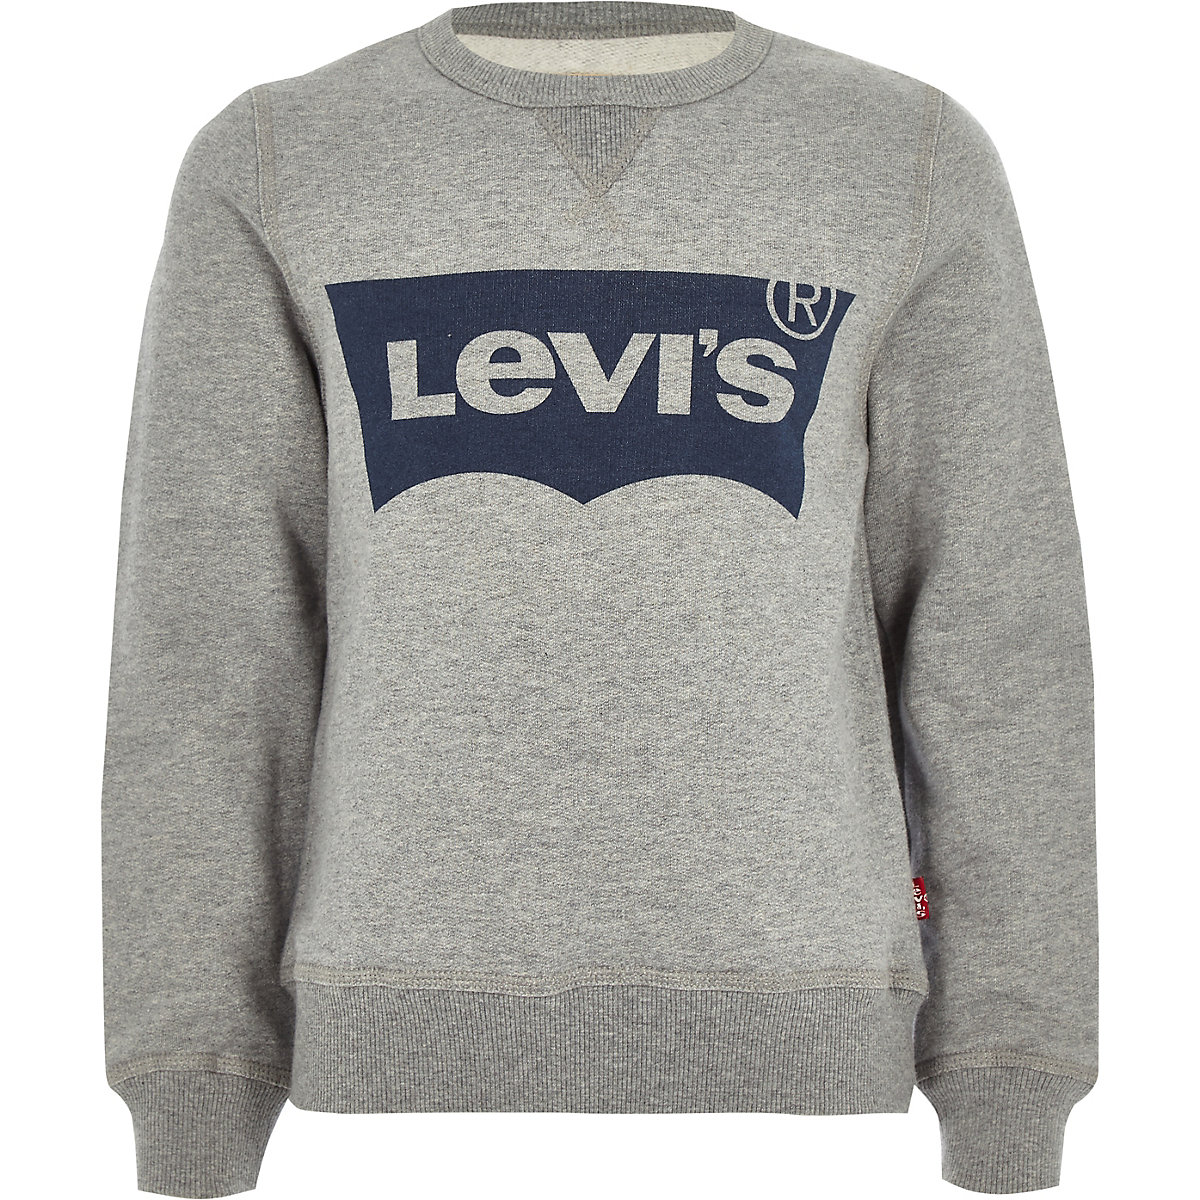 Boys Levi's grey crew neck logo jumper